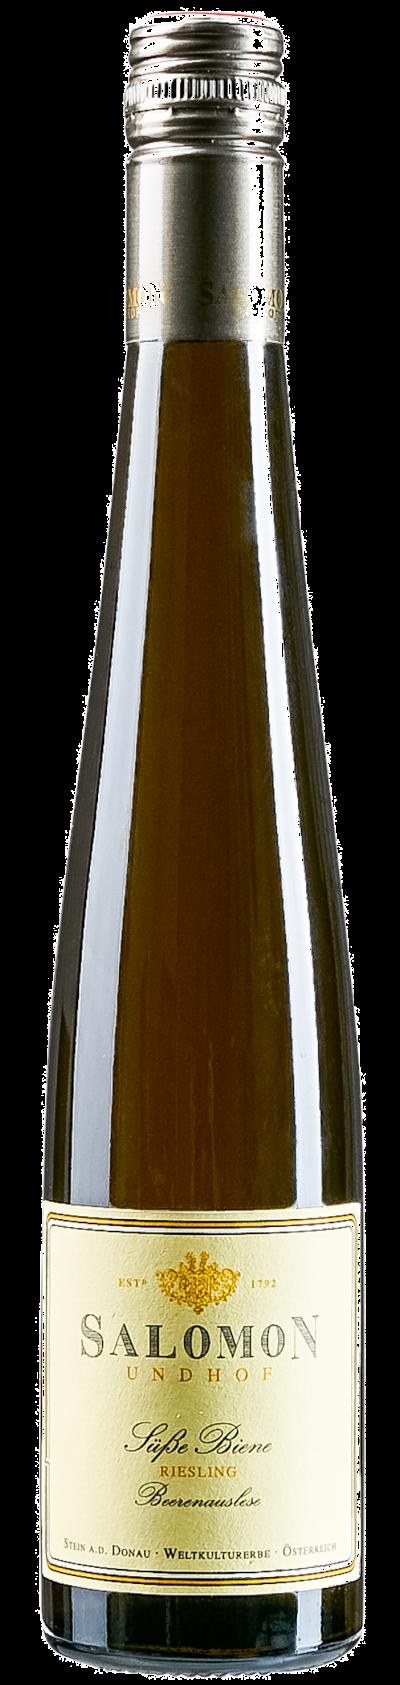 Salomon Undhof - Riesling Beerenauslese Süße Biene